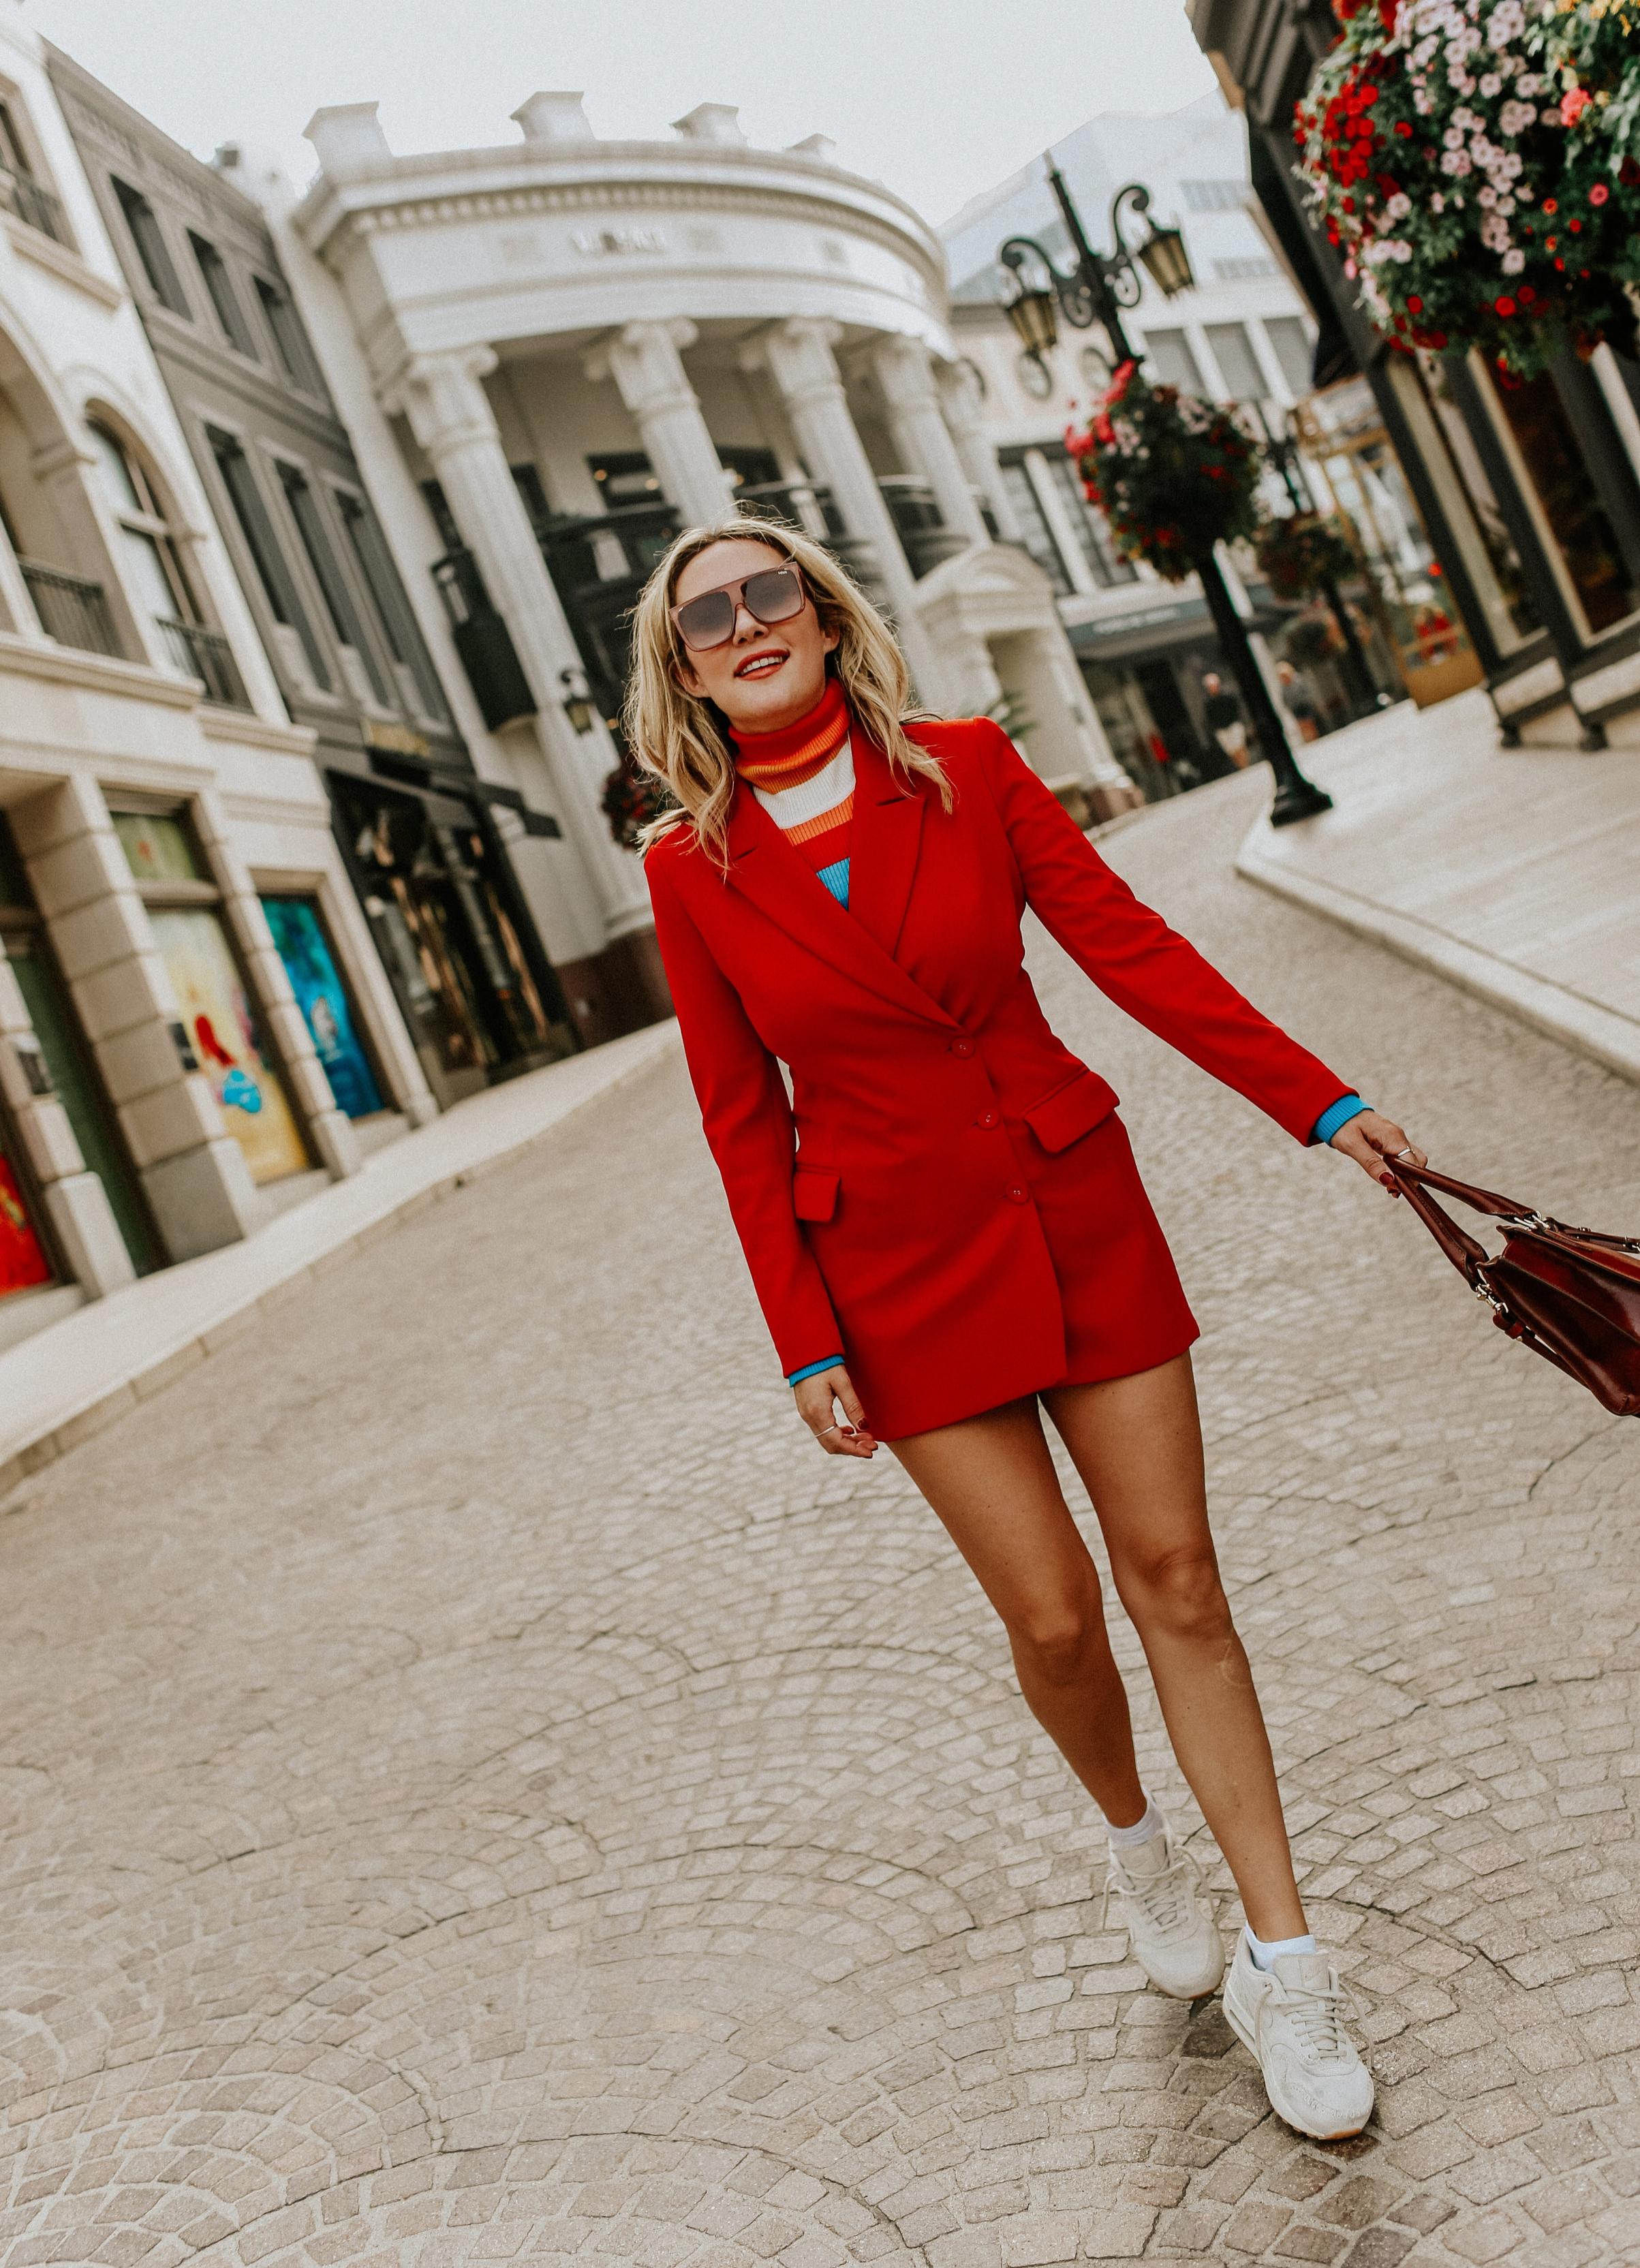 The Style Sauce fashion blogger Genevieve Liebscher